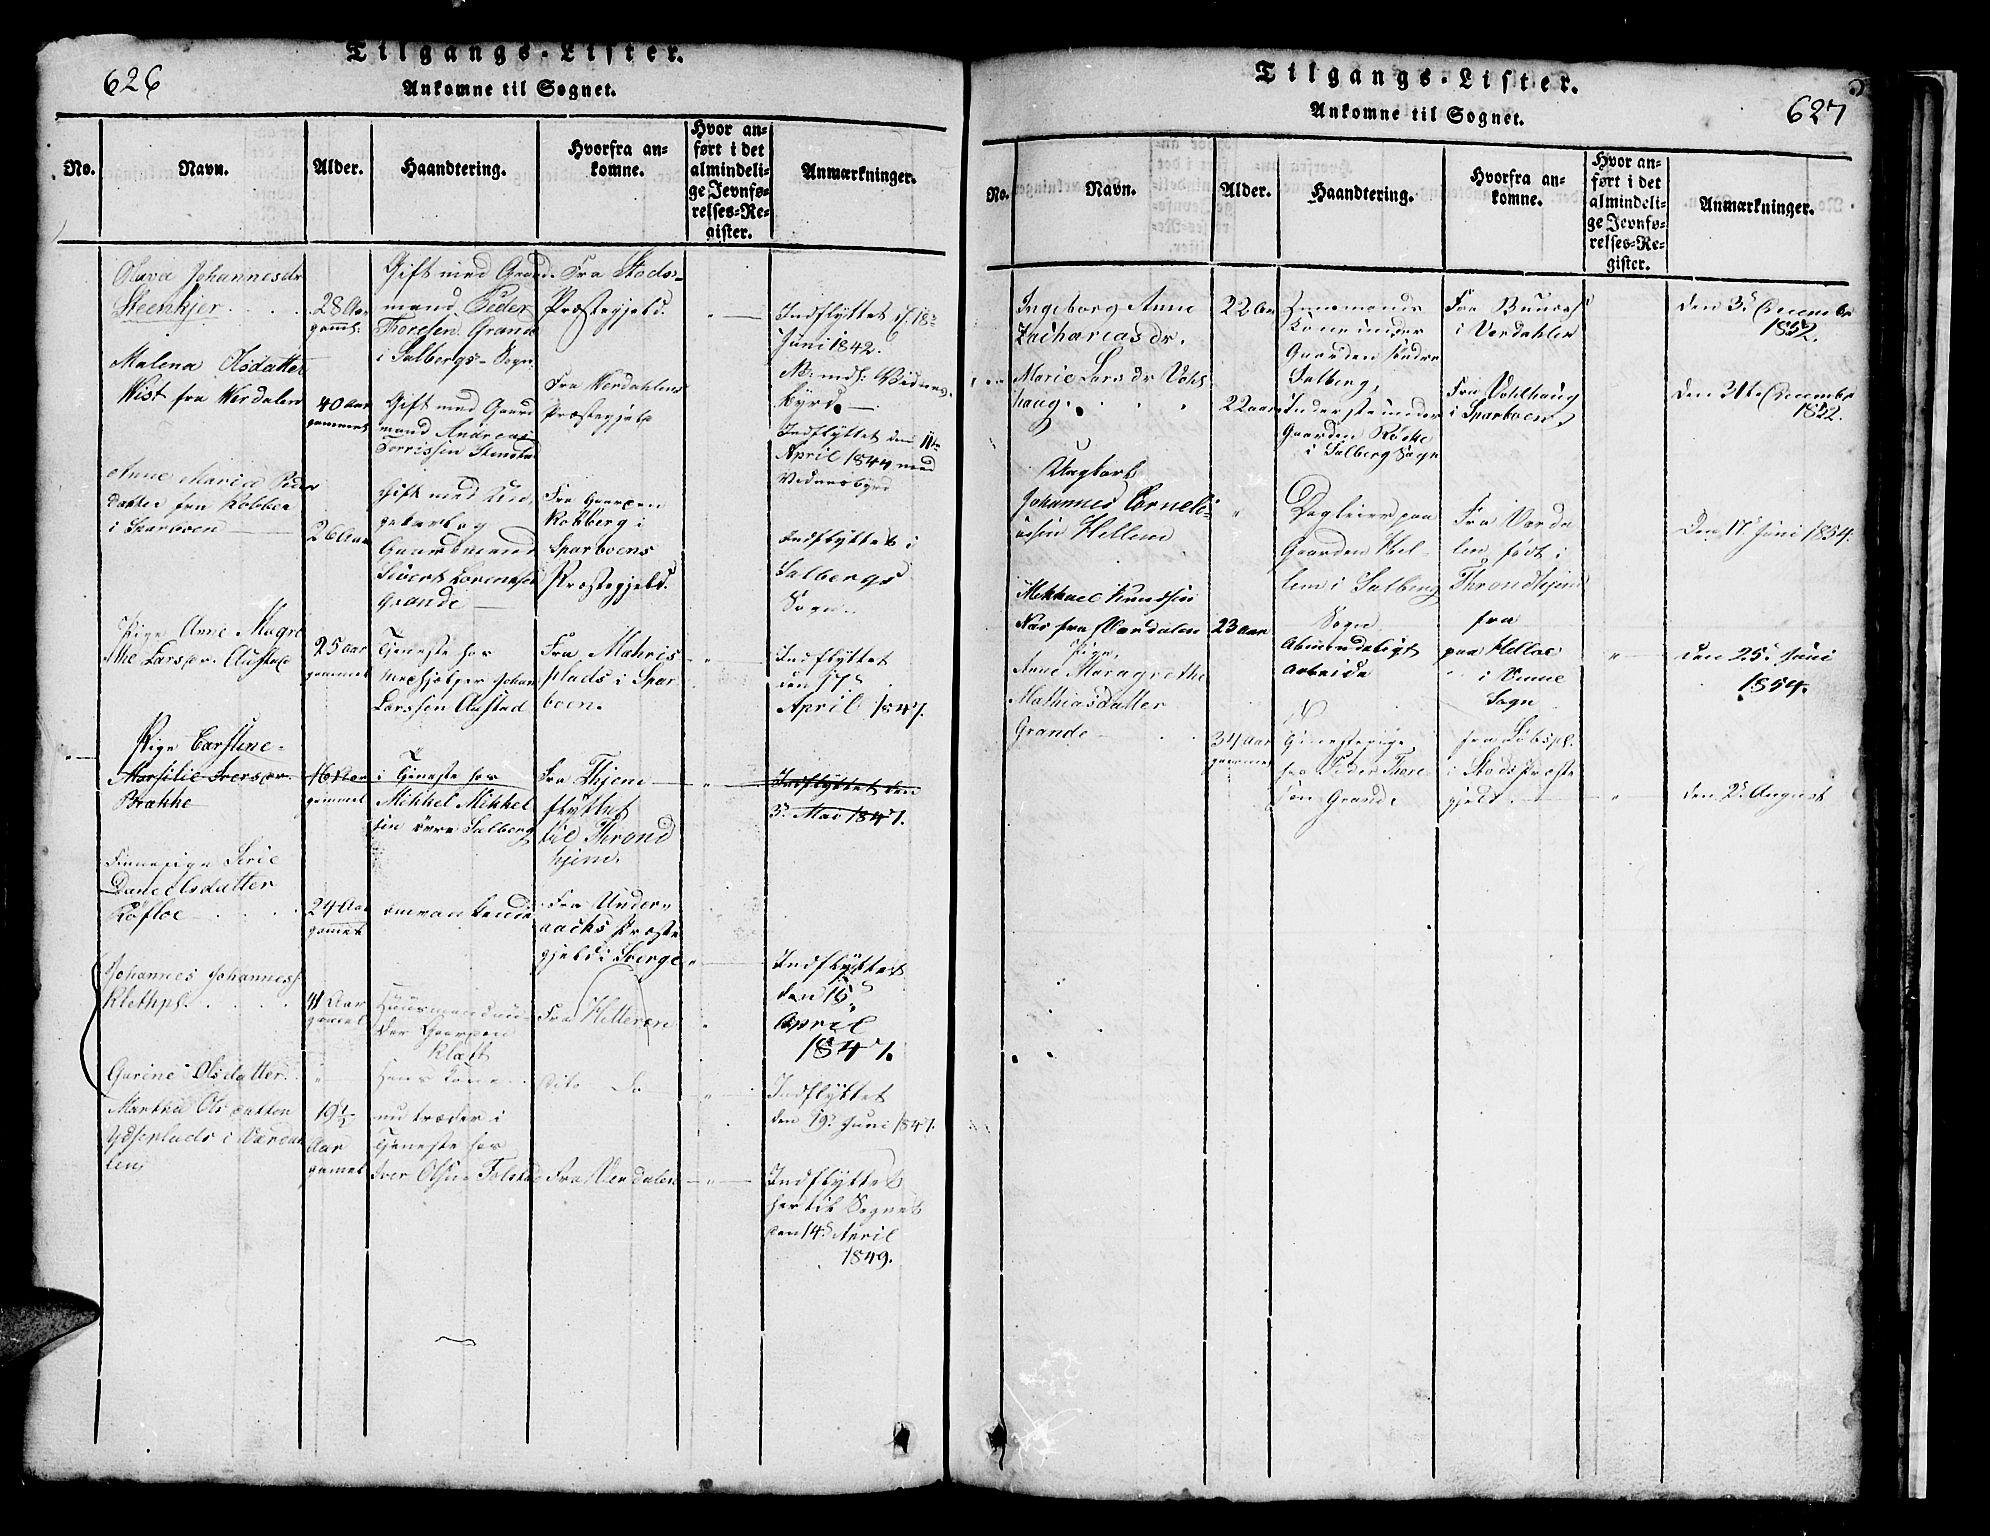 SAT, Ministerialprotokoller, klokkerbøker og fødselsregistre - Nord-Trøndelag, 731/L0310: Klokkerbok nr. 731C01, 1816-1874, s. 624-625